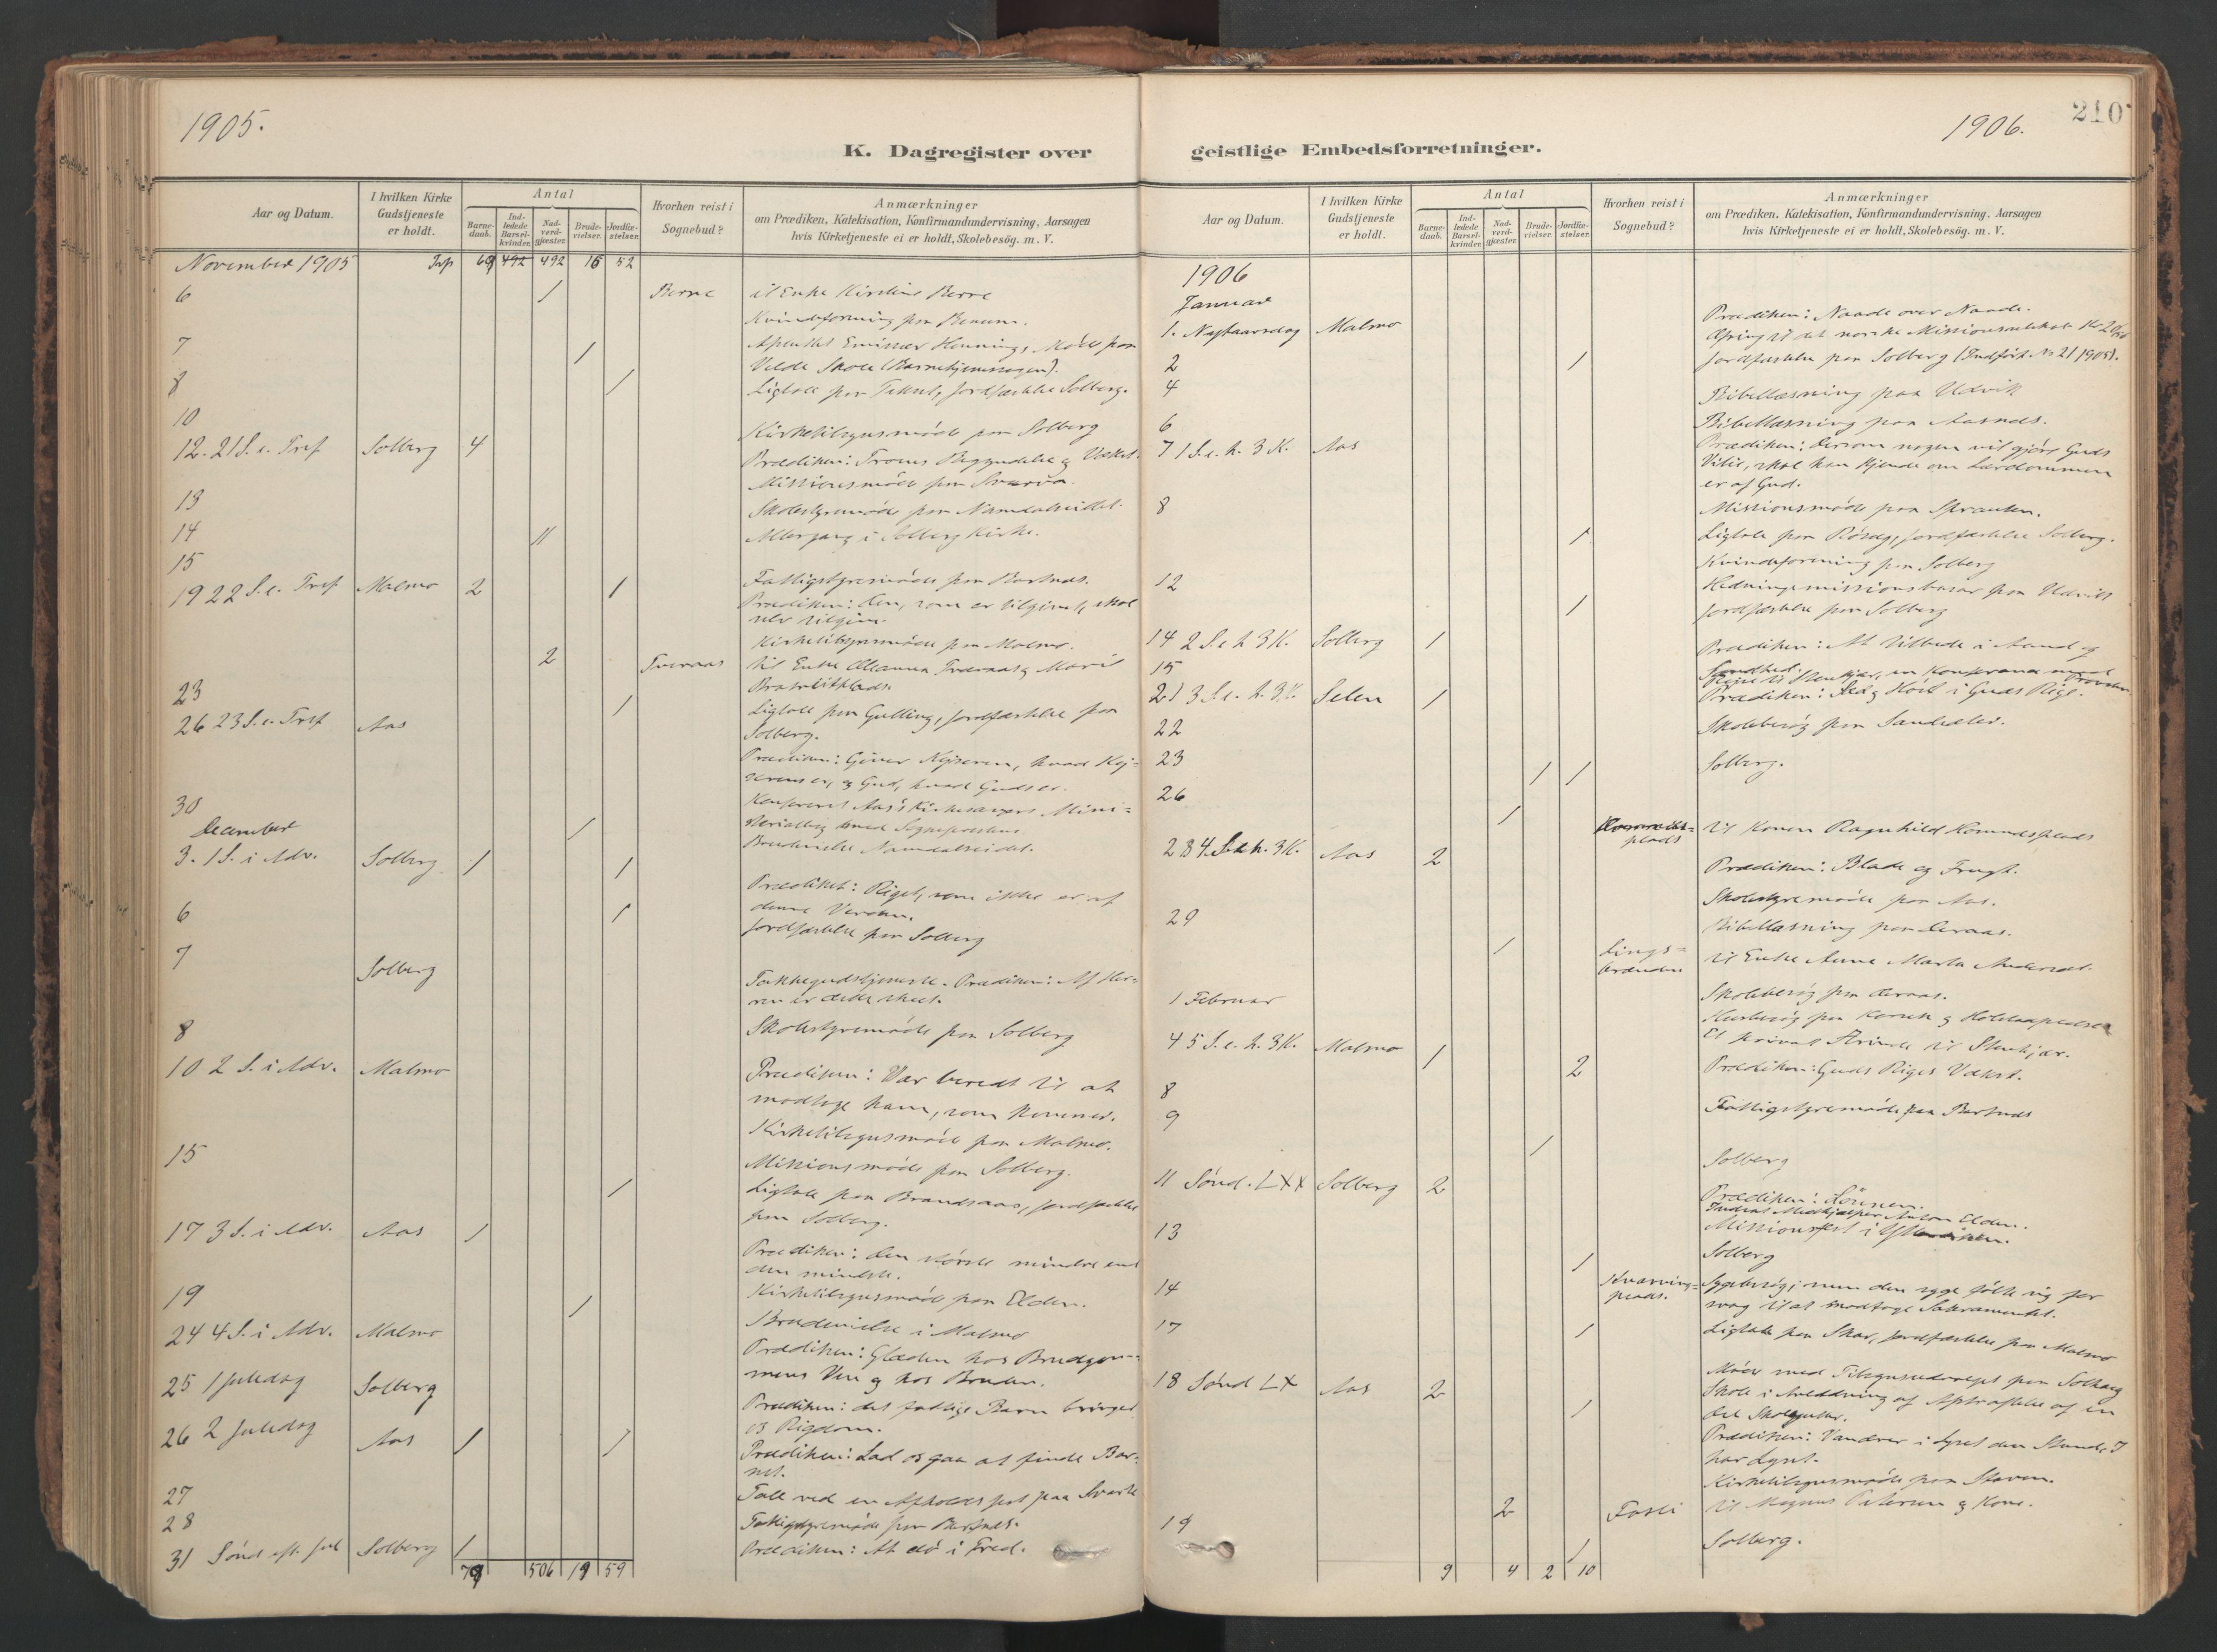 SAT, Ministerialprotokoller, klokkerbøker og fødselsregistre - Nord-Trøndelag, 741/L0397: Ministerialbok nr. 741A11, 1901-1911, s. 210